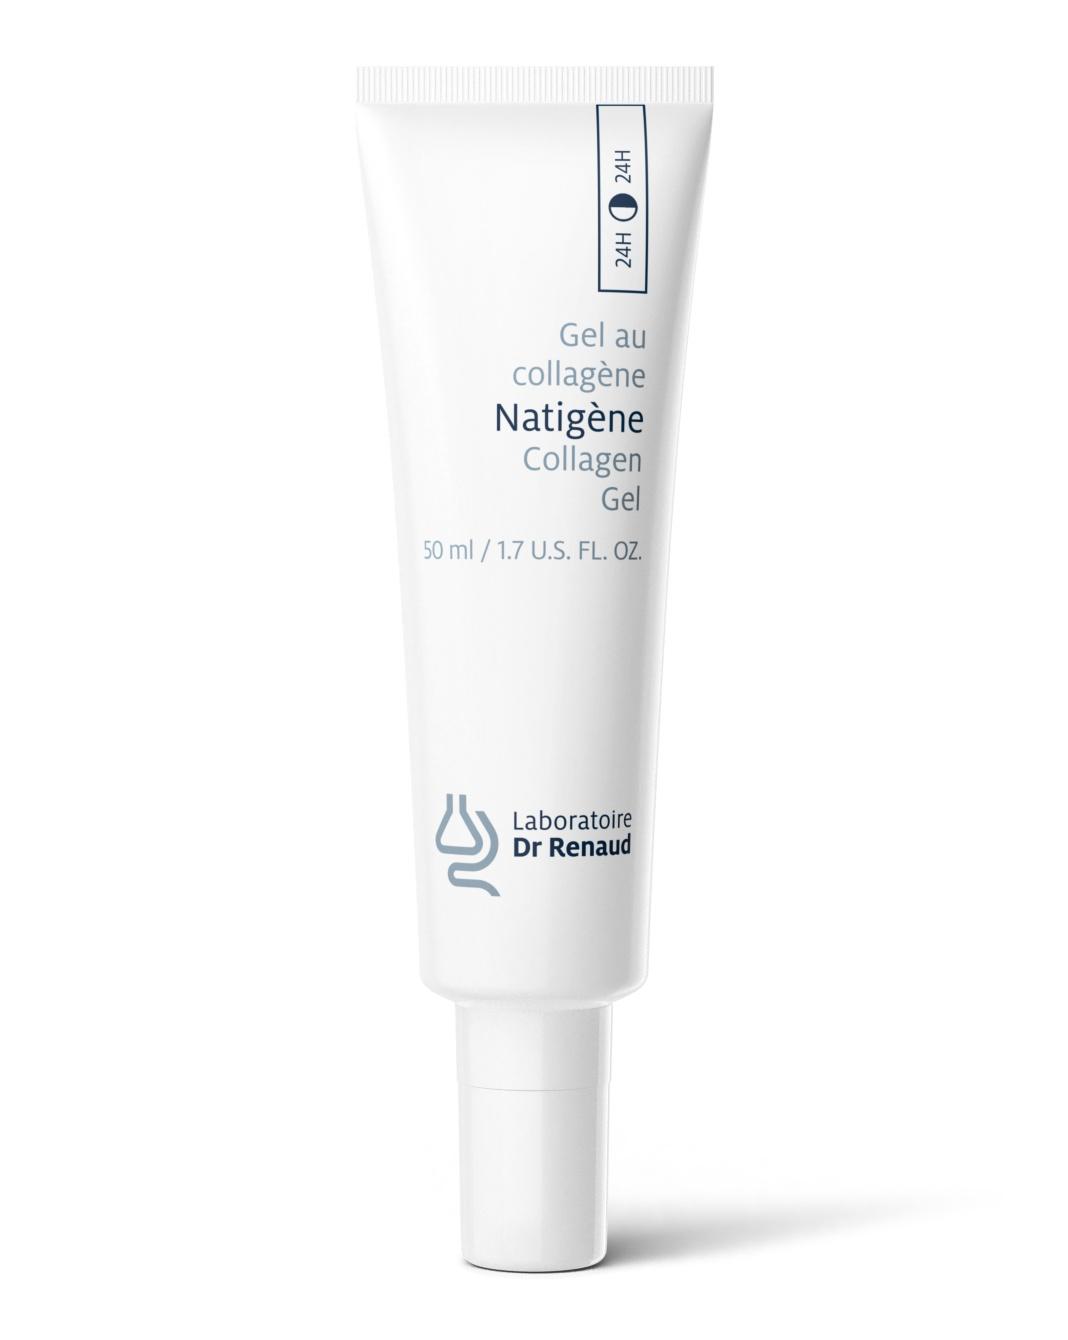 laboratoire dr renaud Natigene Collagen Gel